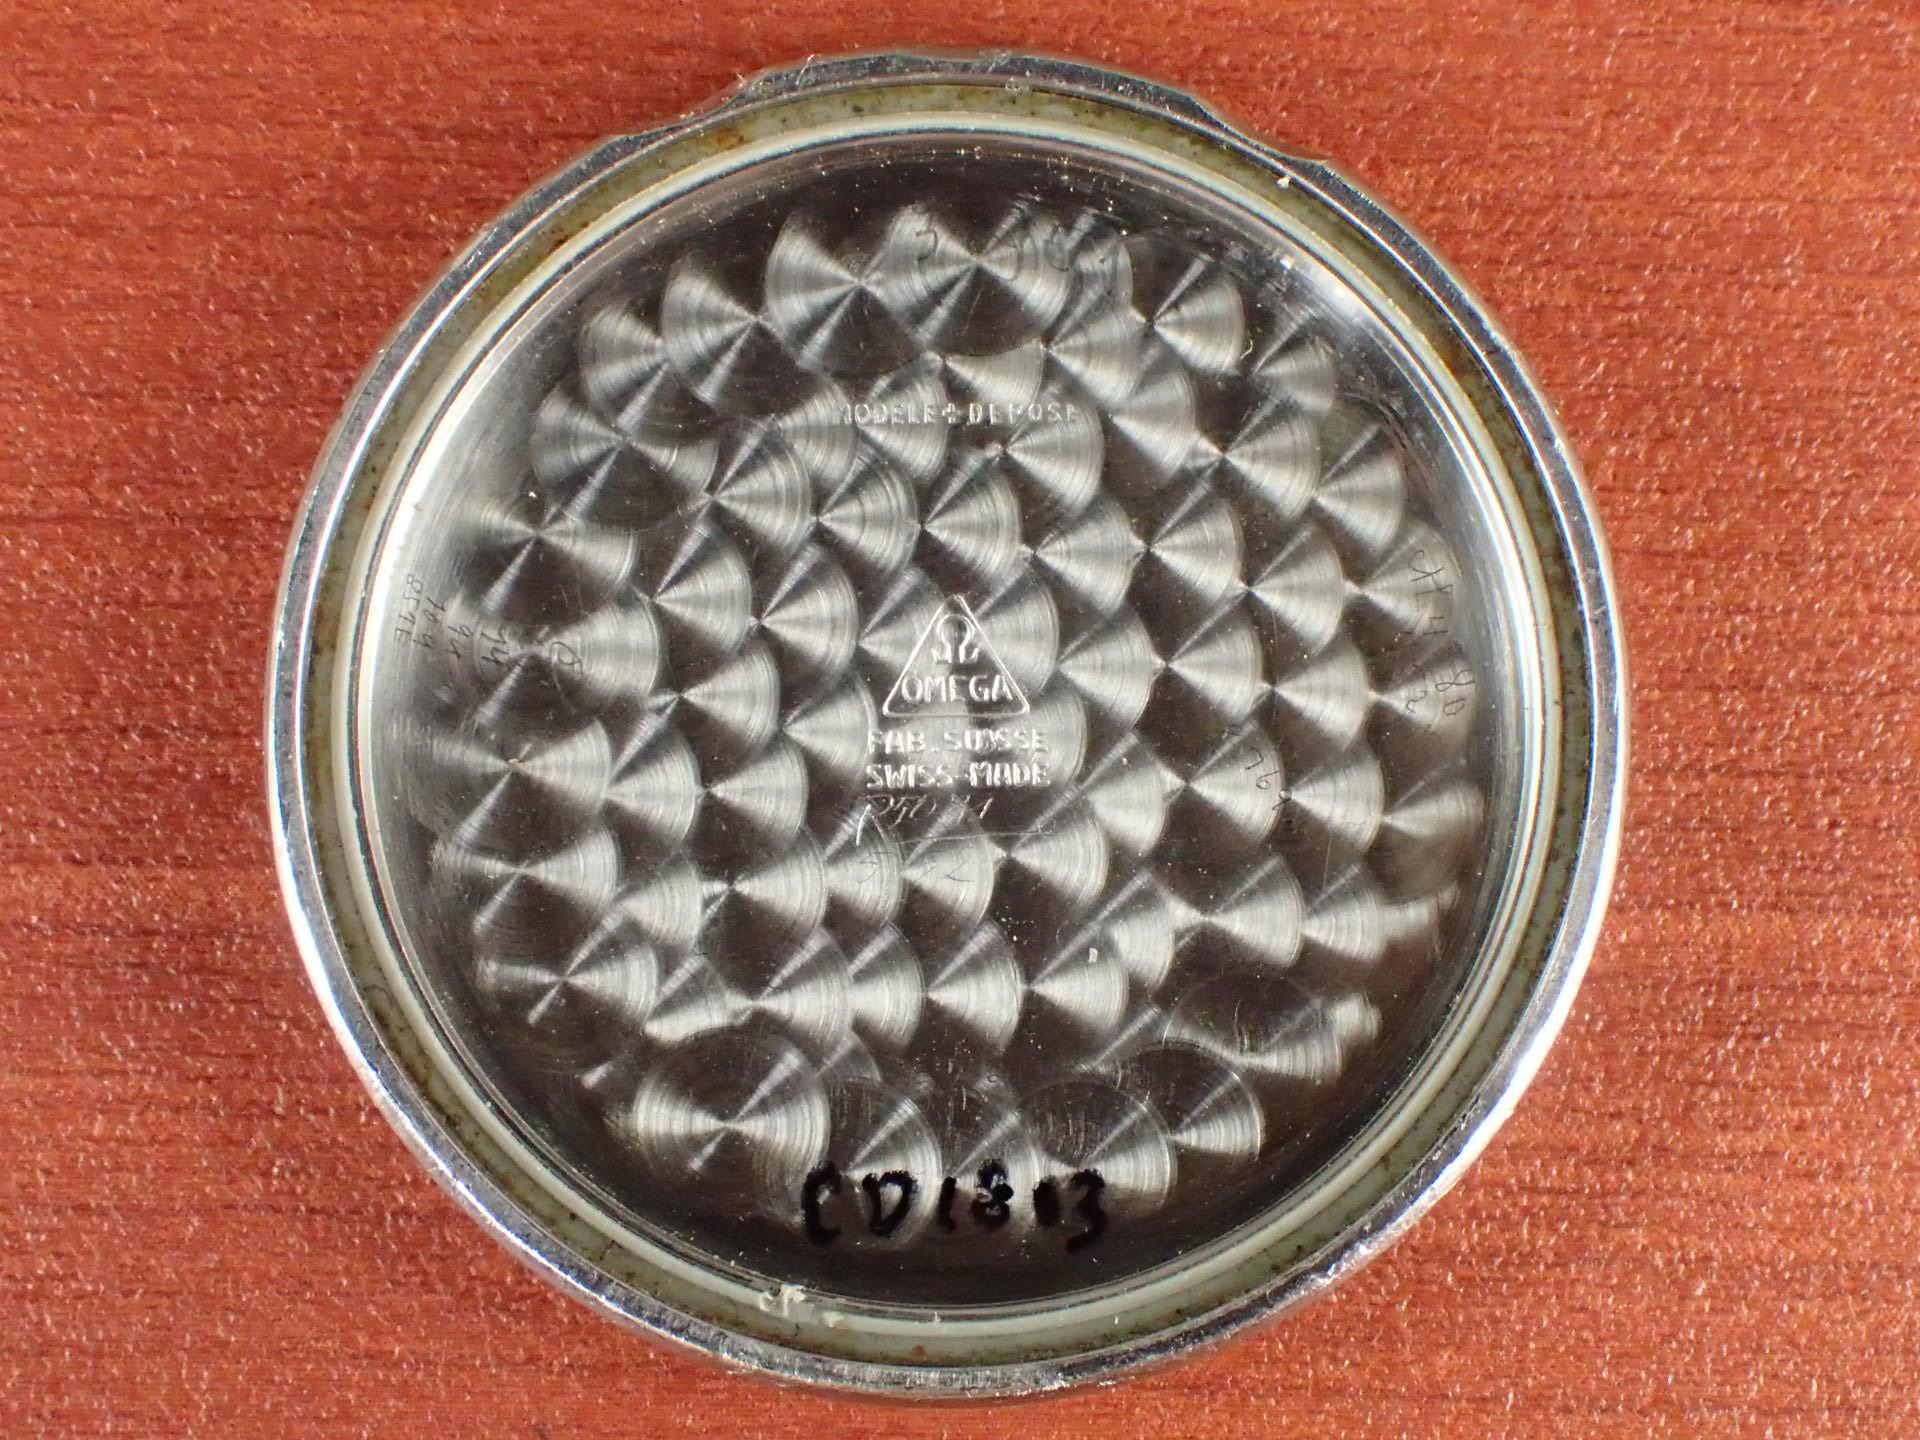 オメガ クロノグラフ キャリバー28.9 CHRO T3 防水ケース 1940年代の写真6枚目